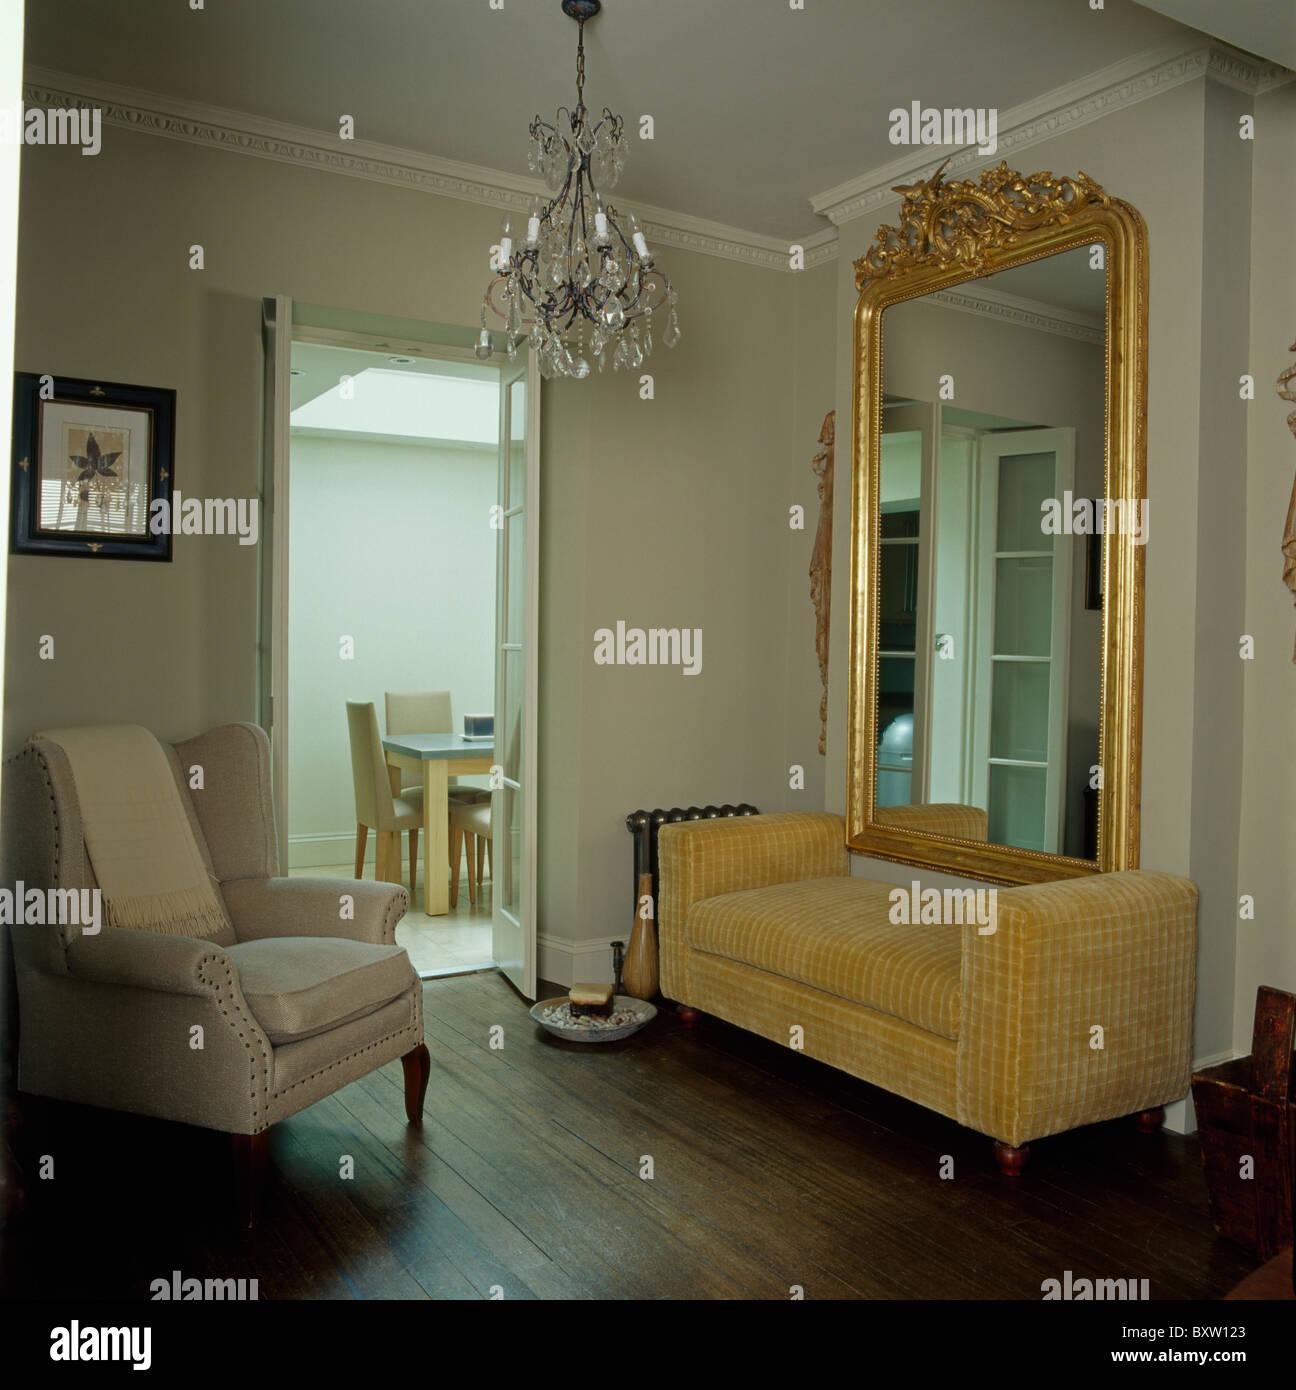 Grande ornato antico specchio dorato al di sopra di velluto beige divano nel soggiorno con crema - Specchio dorato antico ...